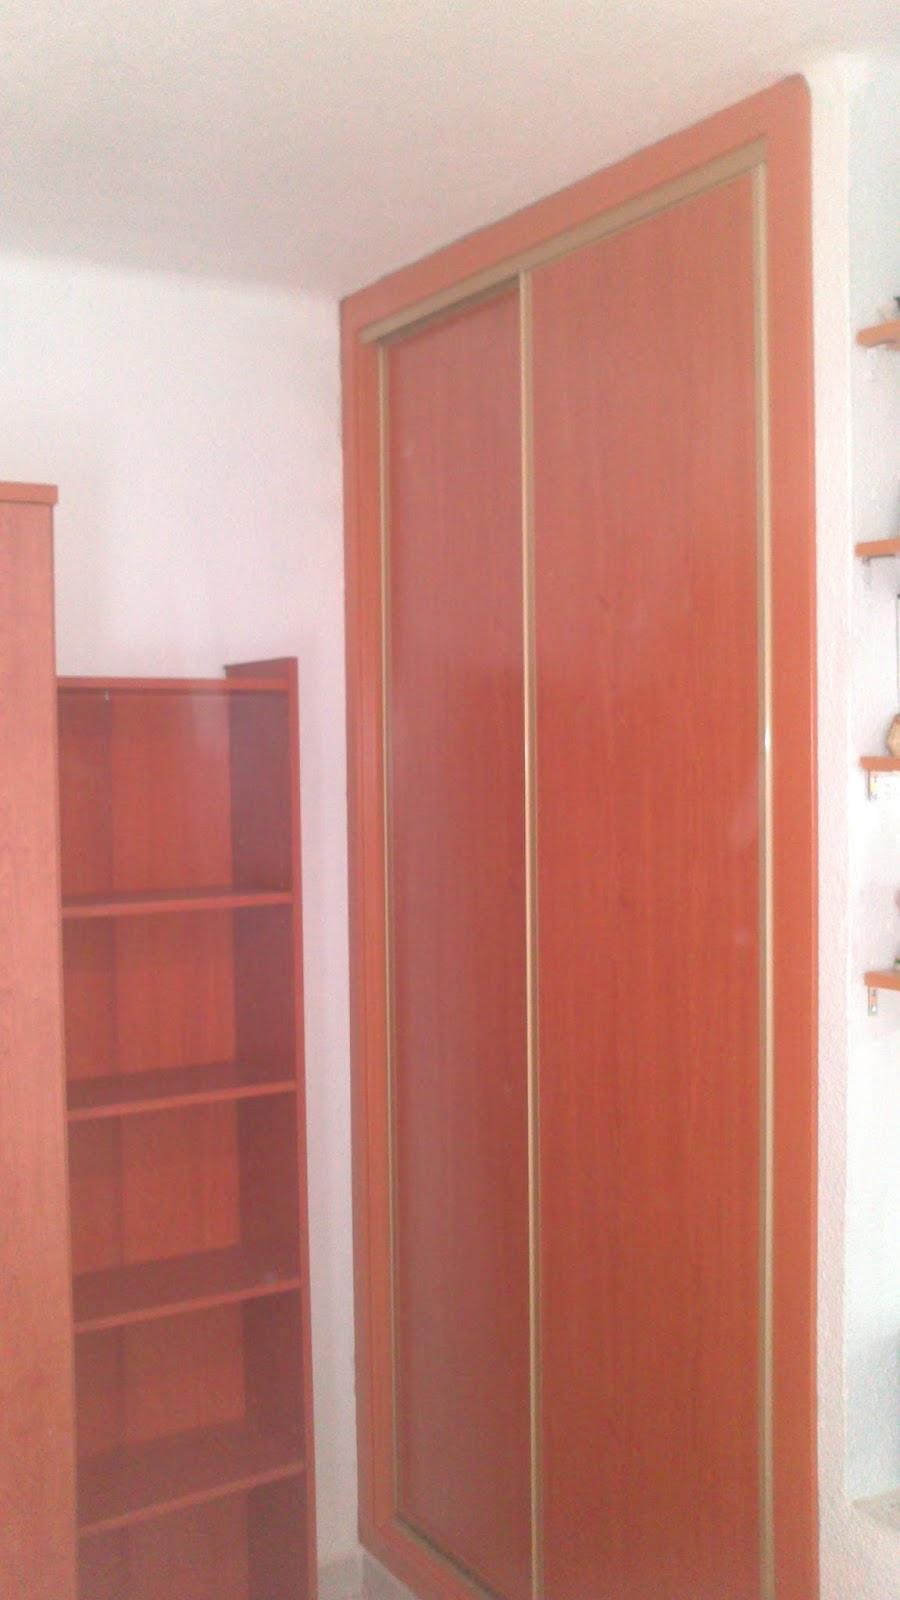 Bricomonxo armario empotrado con puertas correderas - Puertas correderas armario empotrado ...